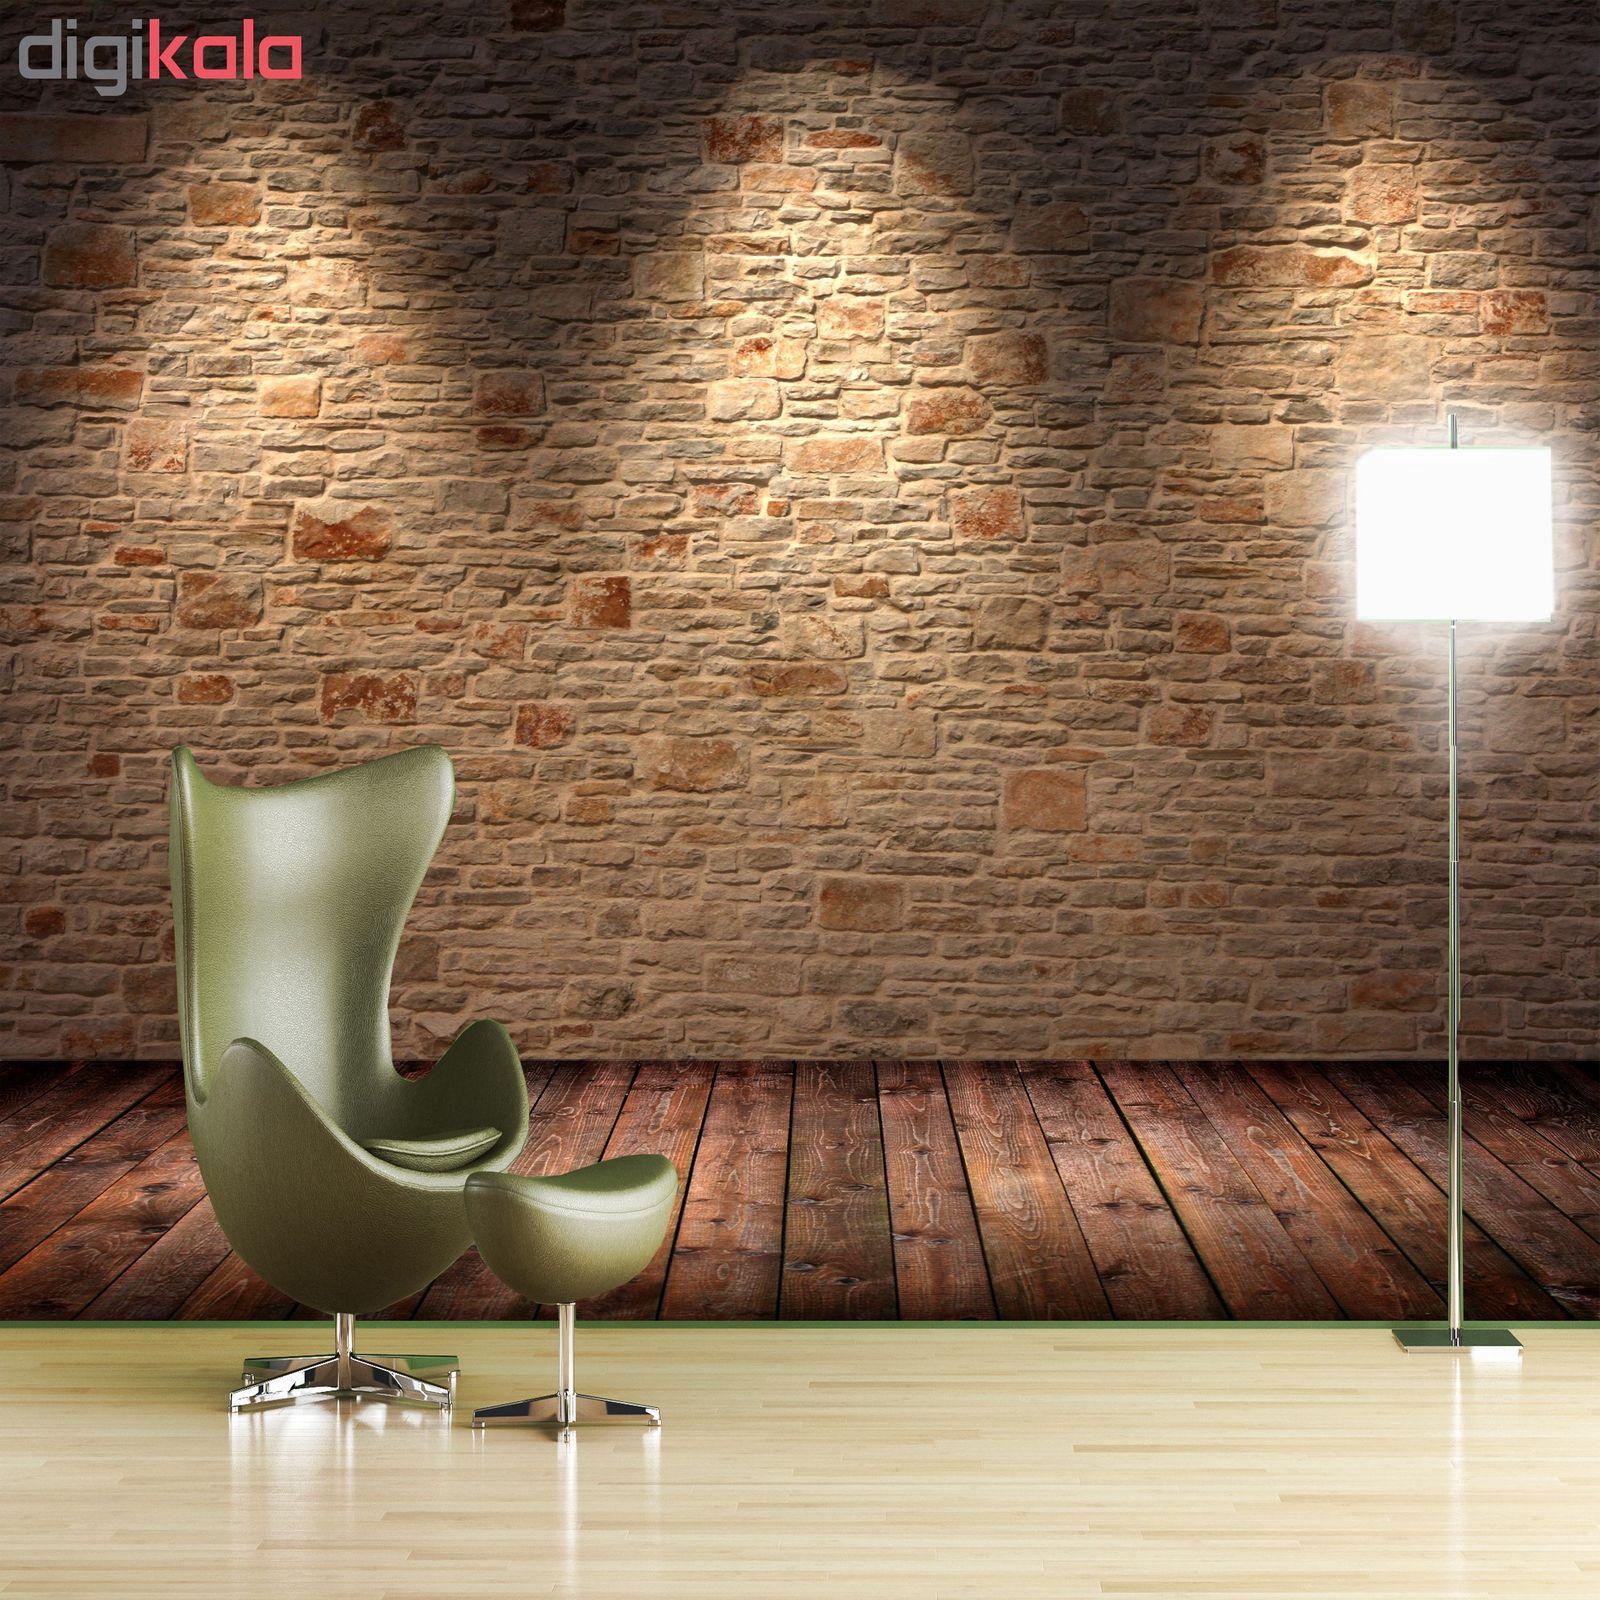 پوستر دیواری سه بعدی طرح آجر کد 85005817 main 1 2